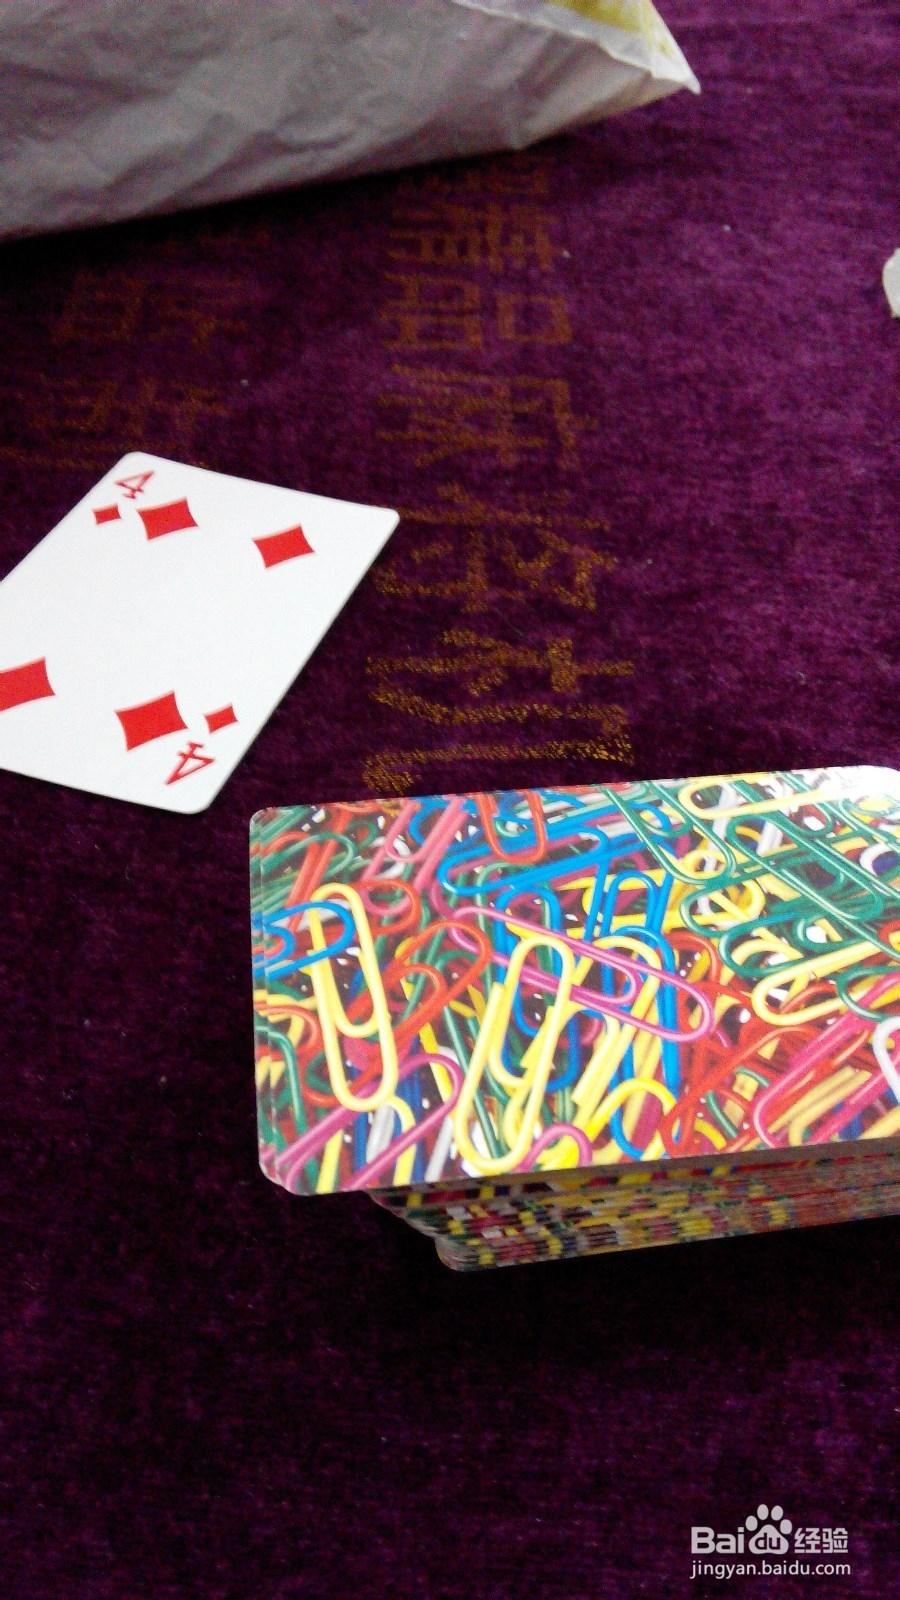 怎样用扑克牌变一个简单地魔术